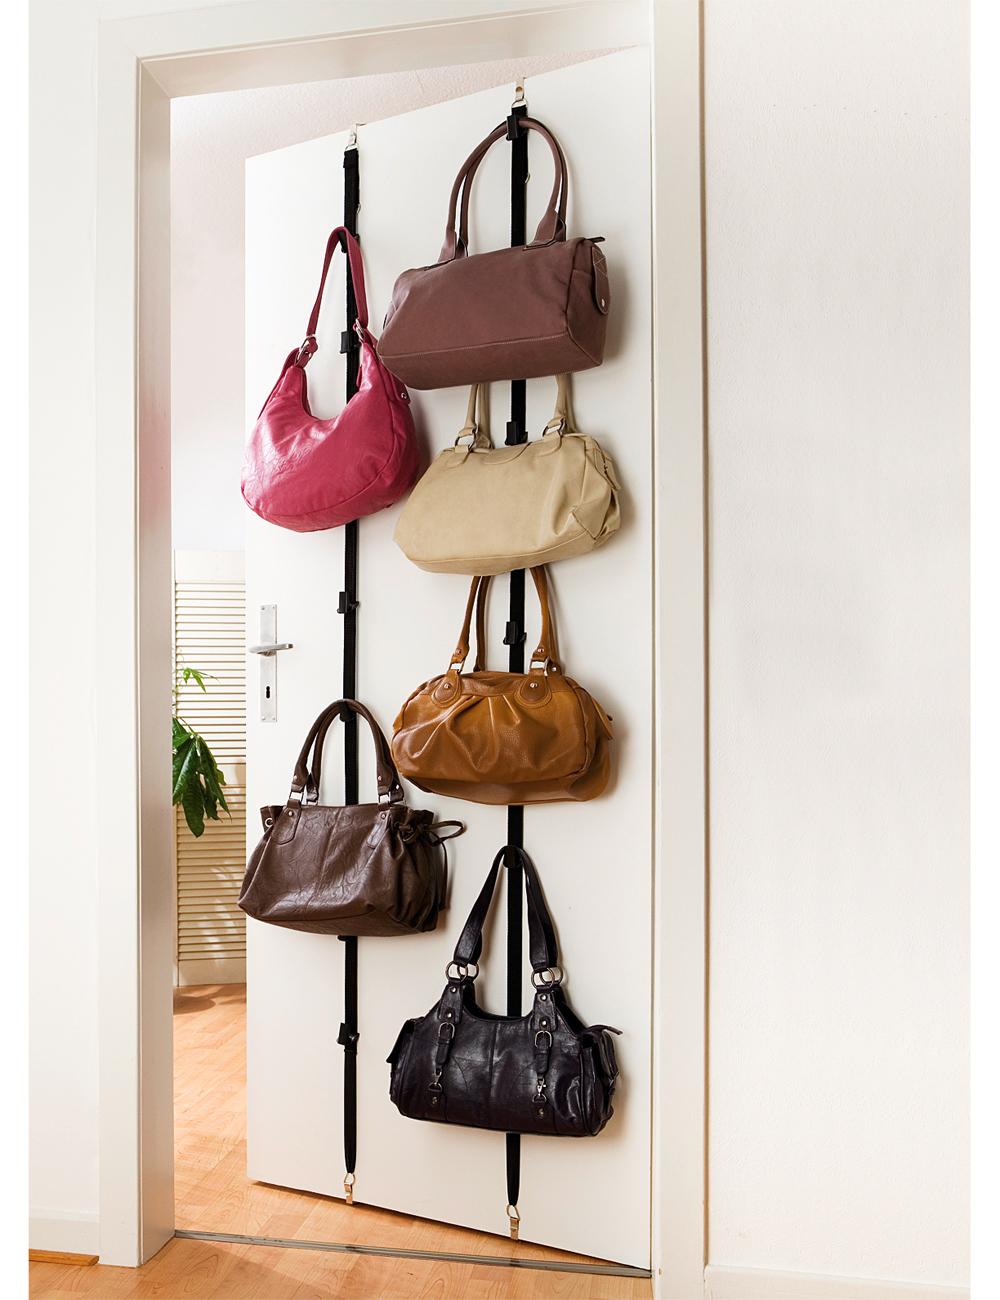 Range sacs main fixer une porte ou un mur 2 pi ces for Fixer un miroir sur une porte